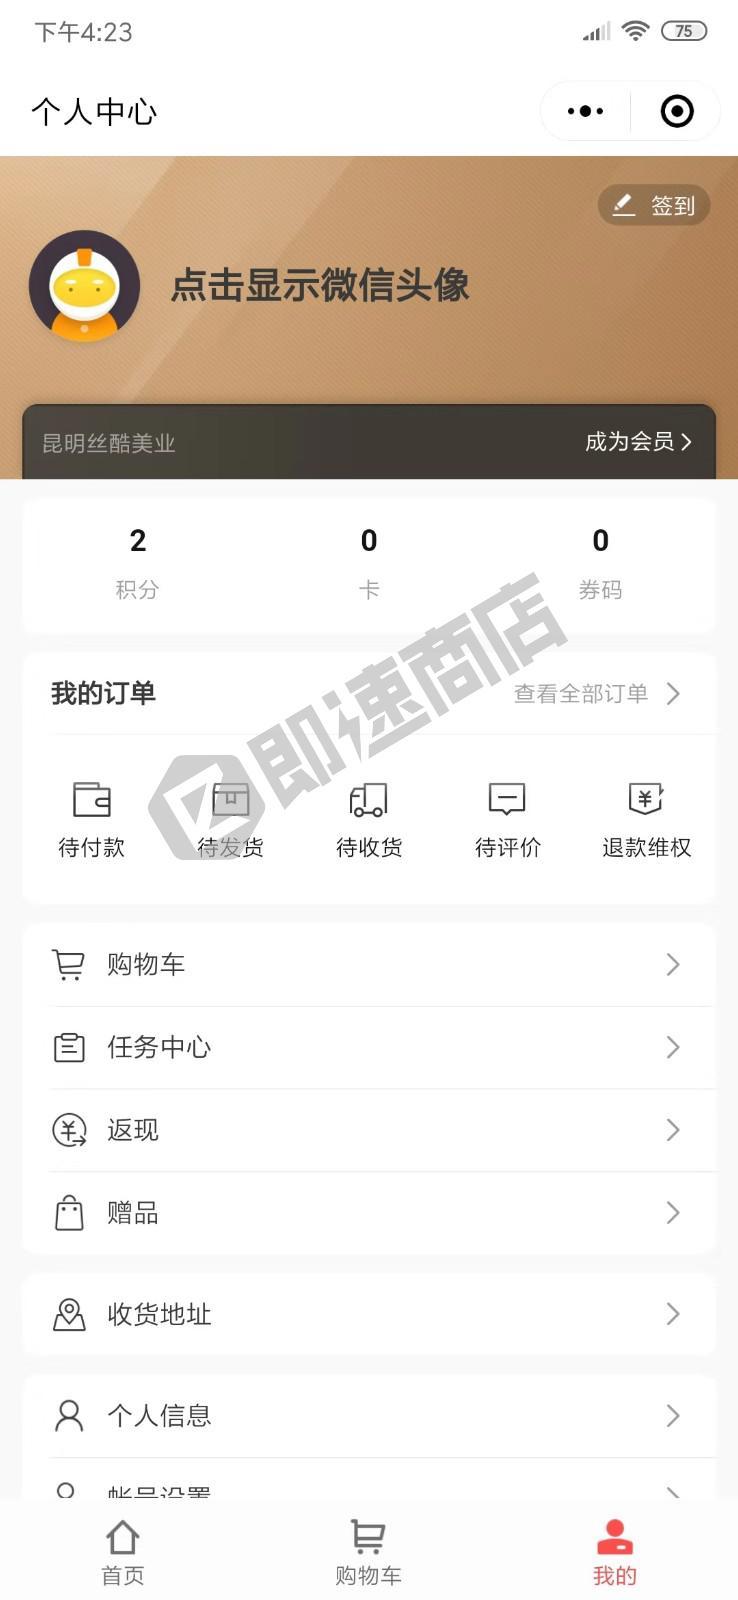 昆明SK美业小程序详情页截图1